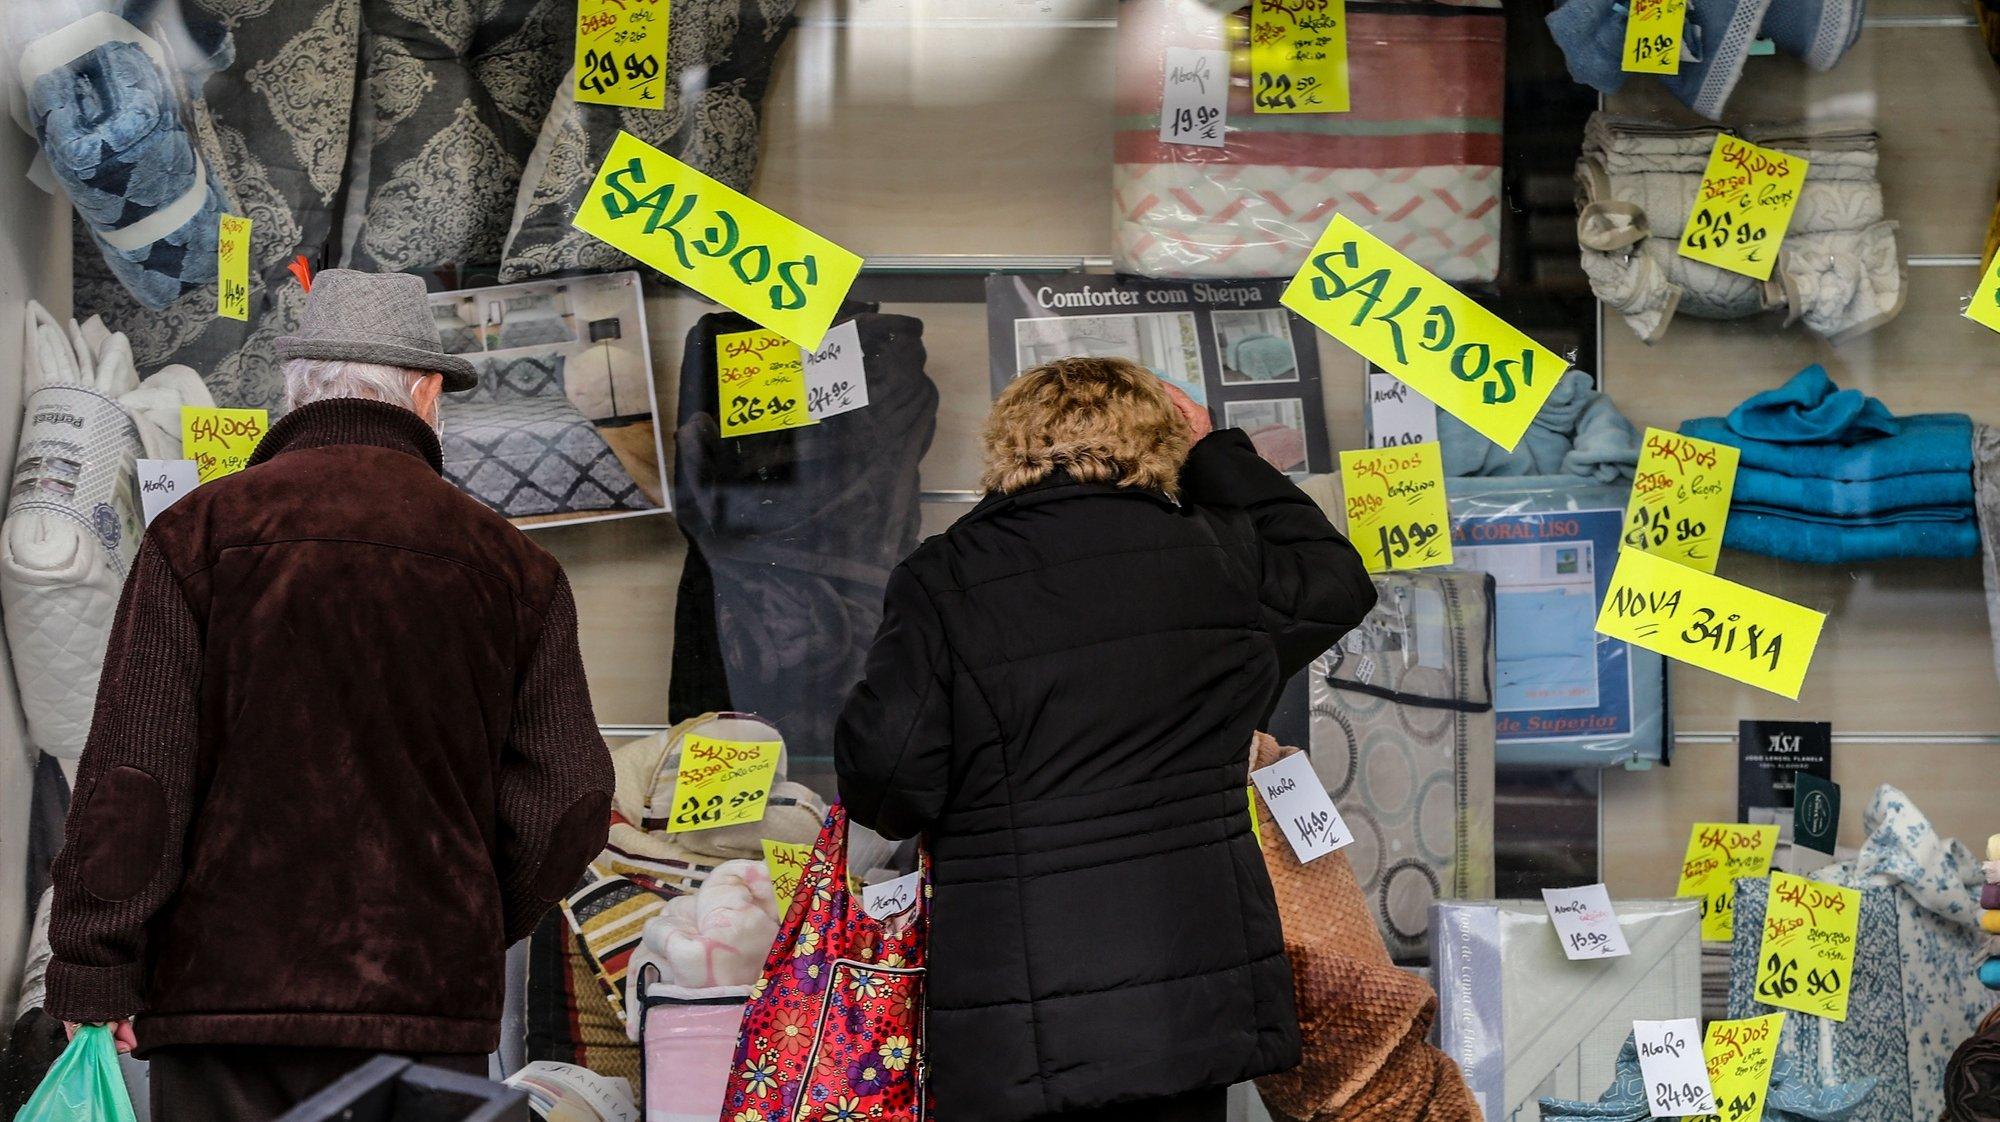 Populares observam as montras das lojas após a reabertura de comércio não-essencial e cabeleireiros fechado anteriormente após novo decreto do Estado de Emergência devido à covid-19, Lisboa, 15 março 2021.  MANUEL DE ALMEIDA / LUSA